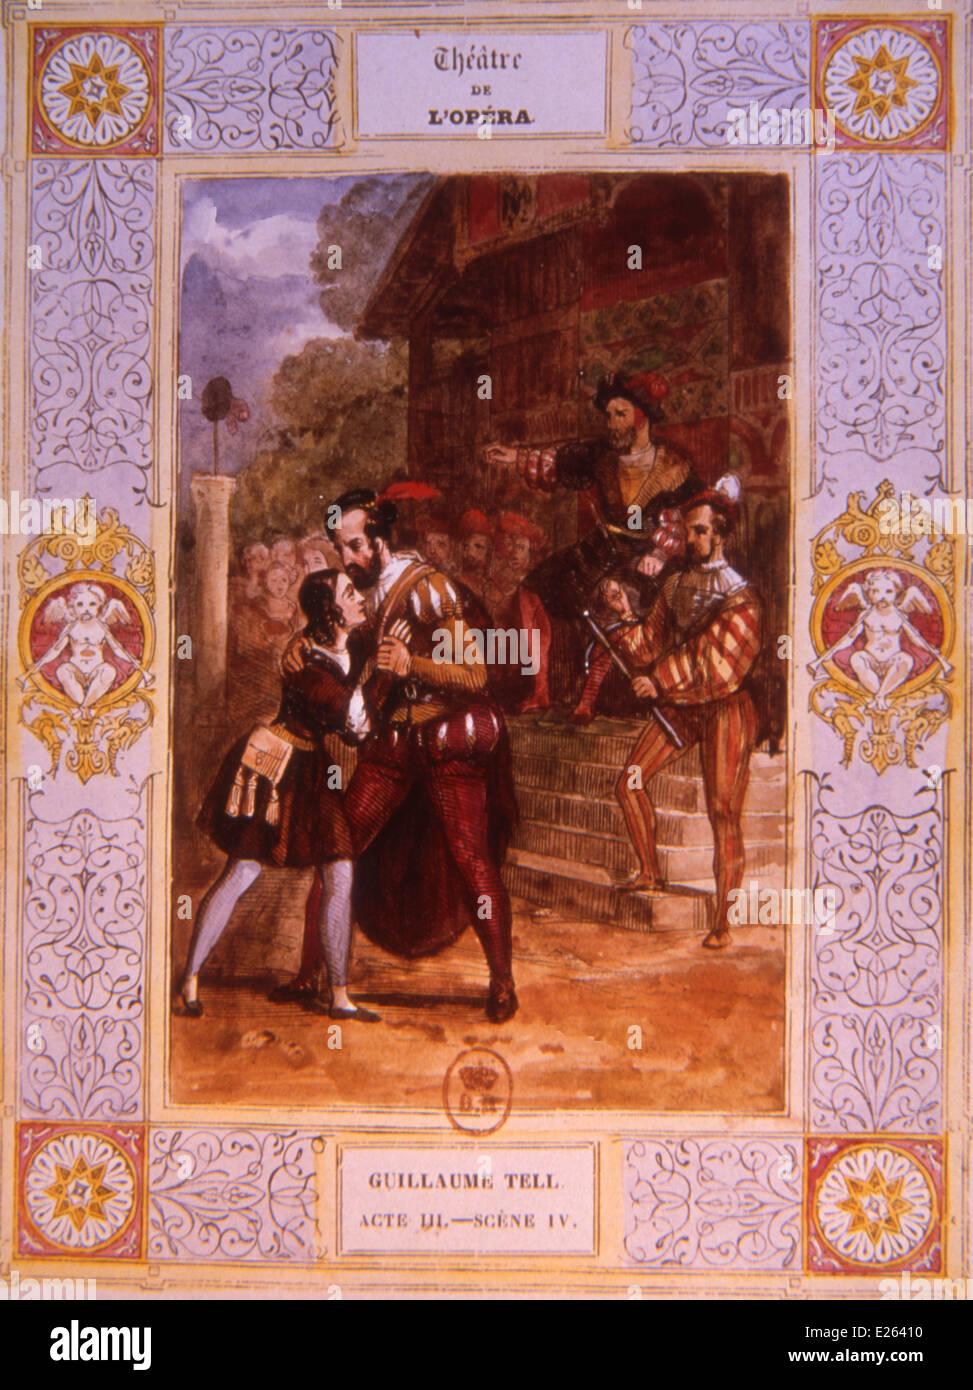 Guglielmo Tell di Gioacchino Rossini,atto III,litografia,Bibliothèque nationale de France, Parigi Immagini Stock